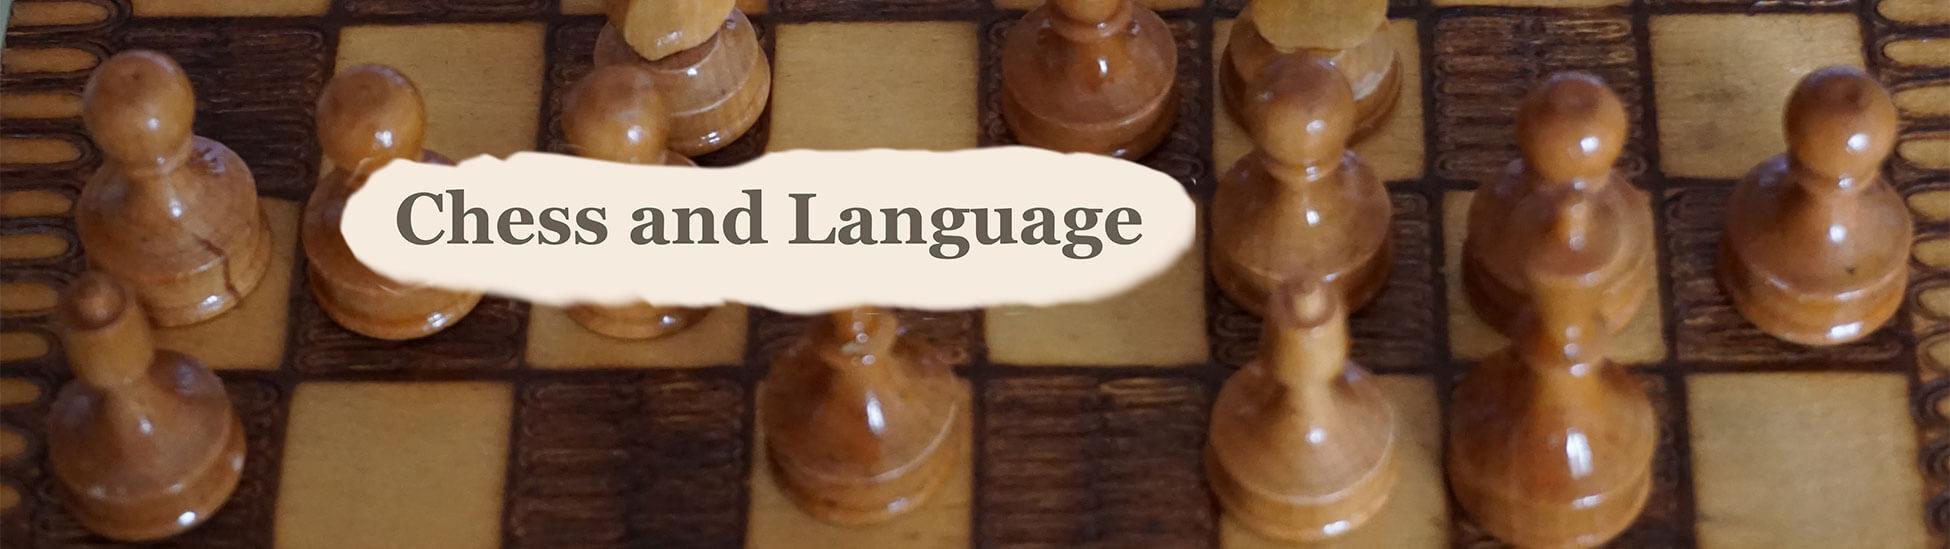 Chess and Language